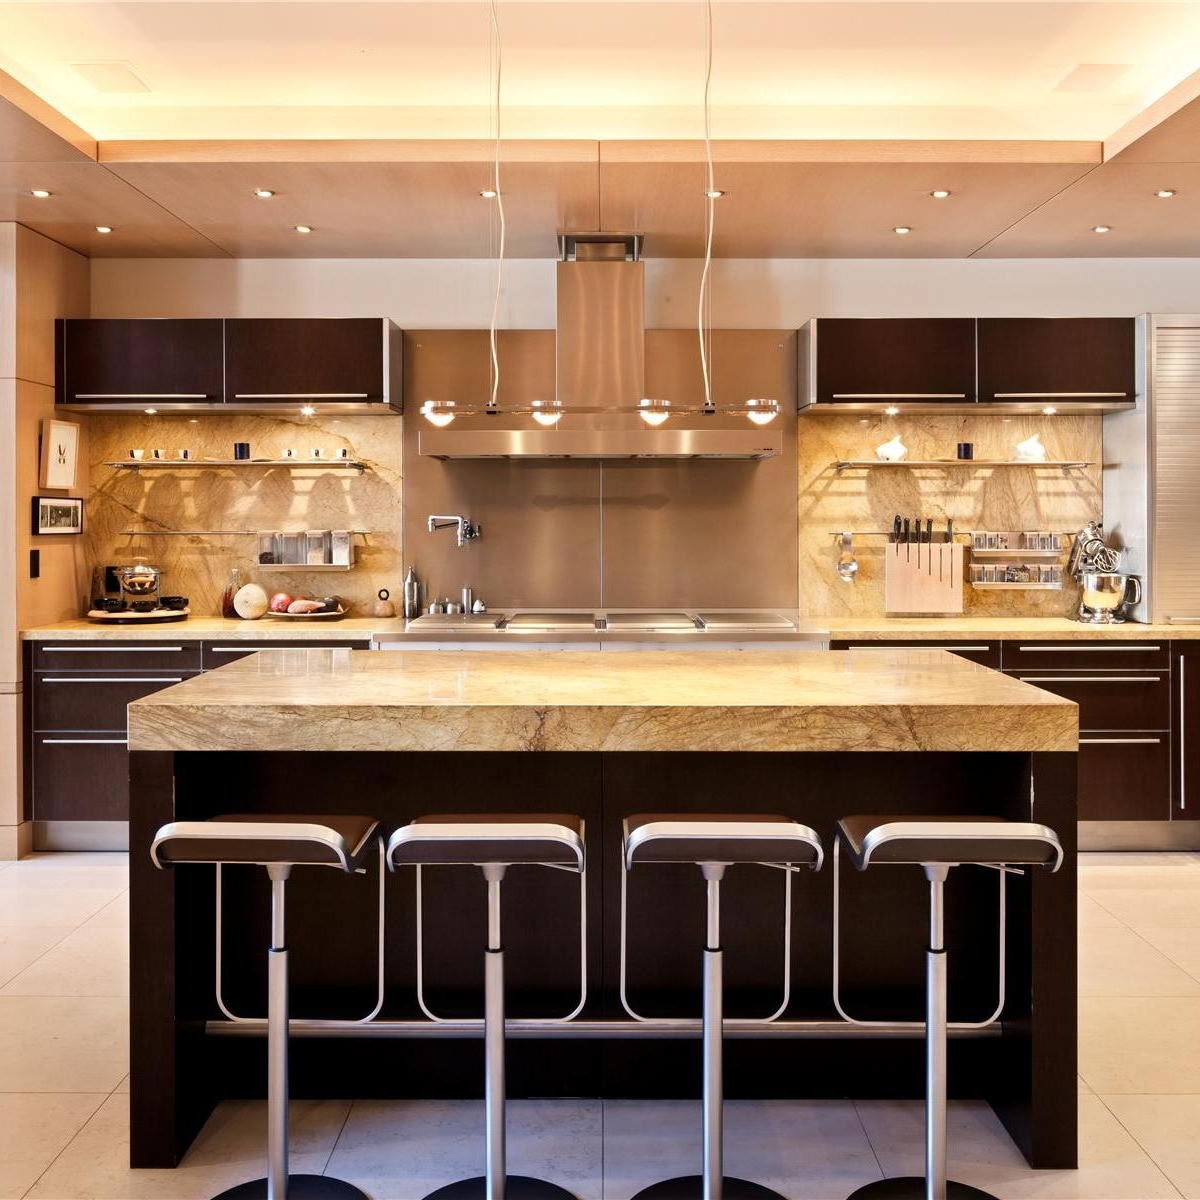 michelle-kitchen.jpg